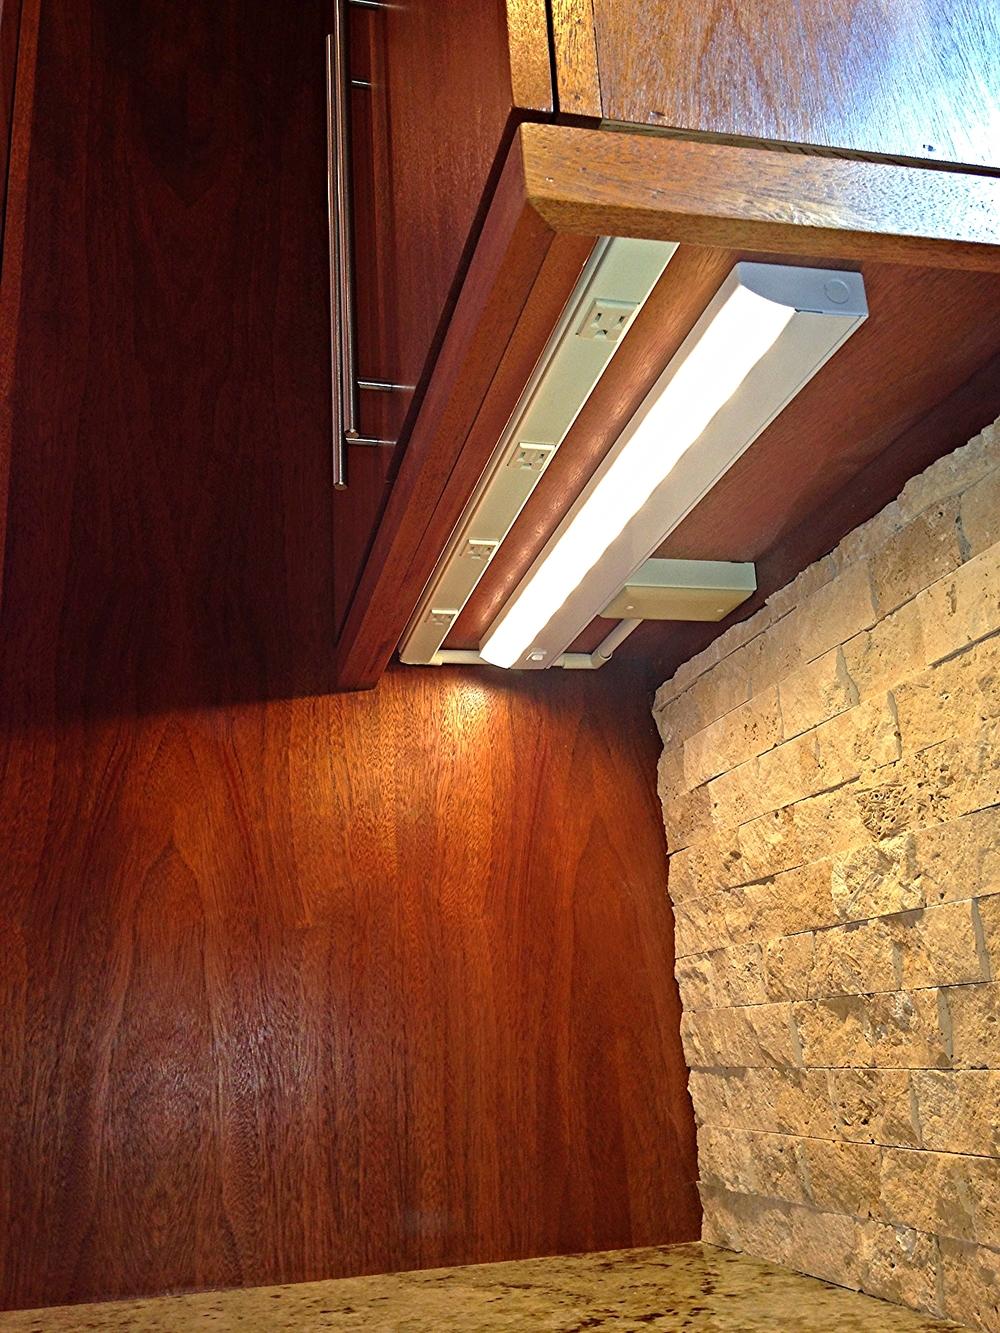 Bukolt kitchen remodel view seven